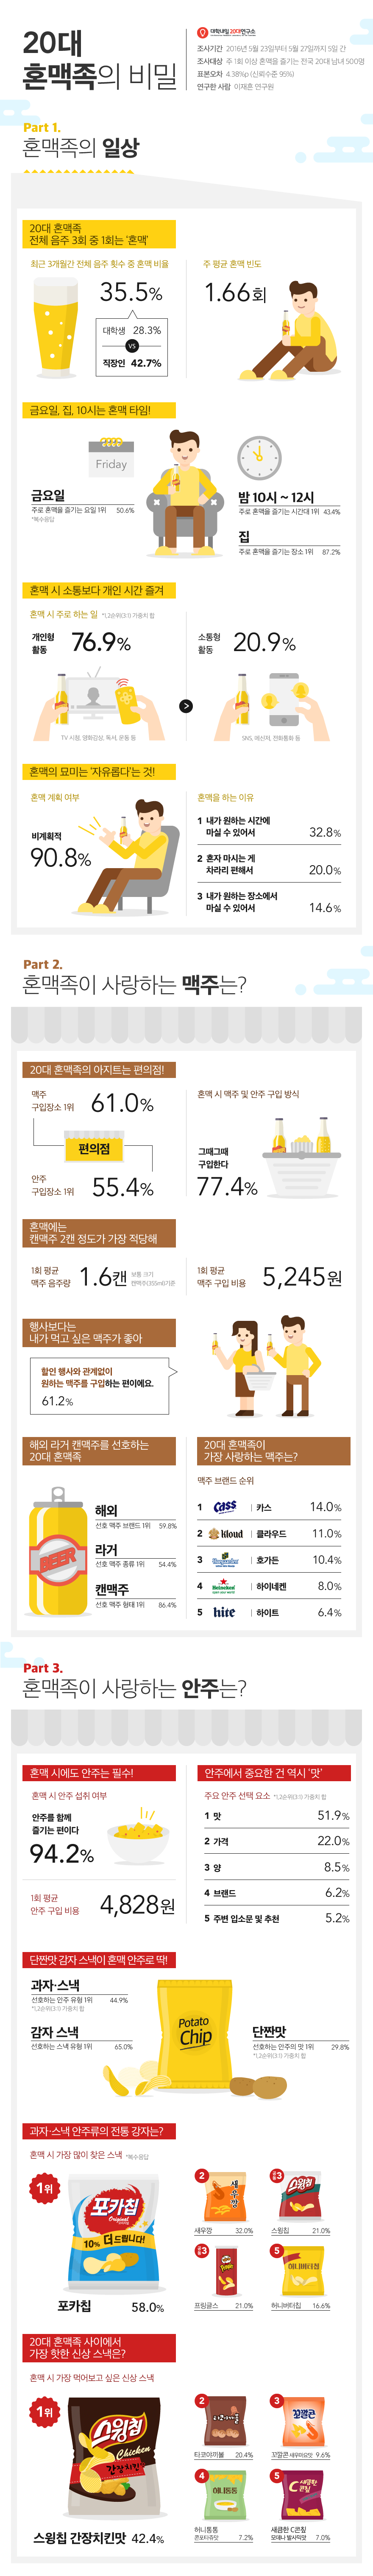 (연구리포트16-13)20대 혼맥족의 맥주 및 안주 소비 트렌드 조사 info_최종_160610